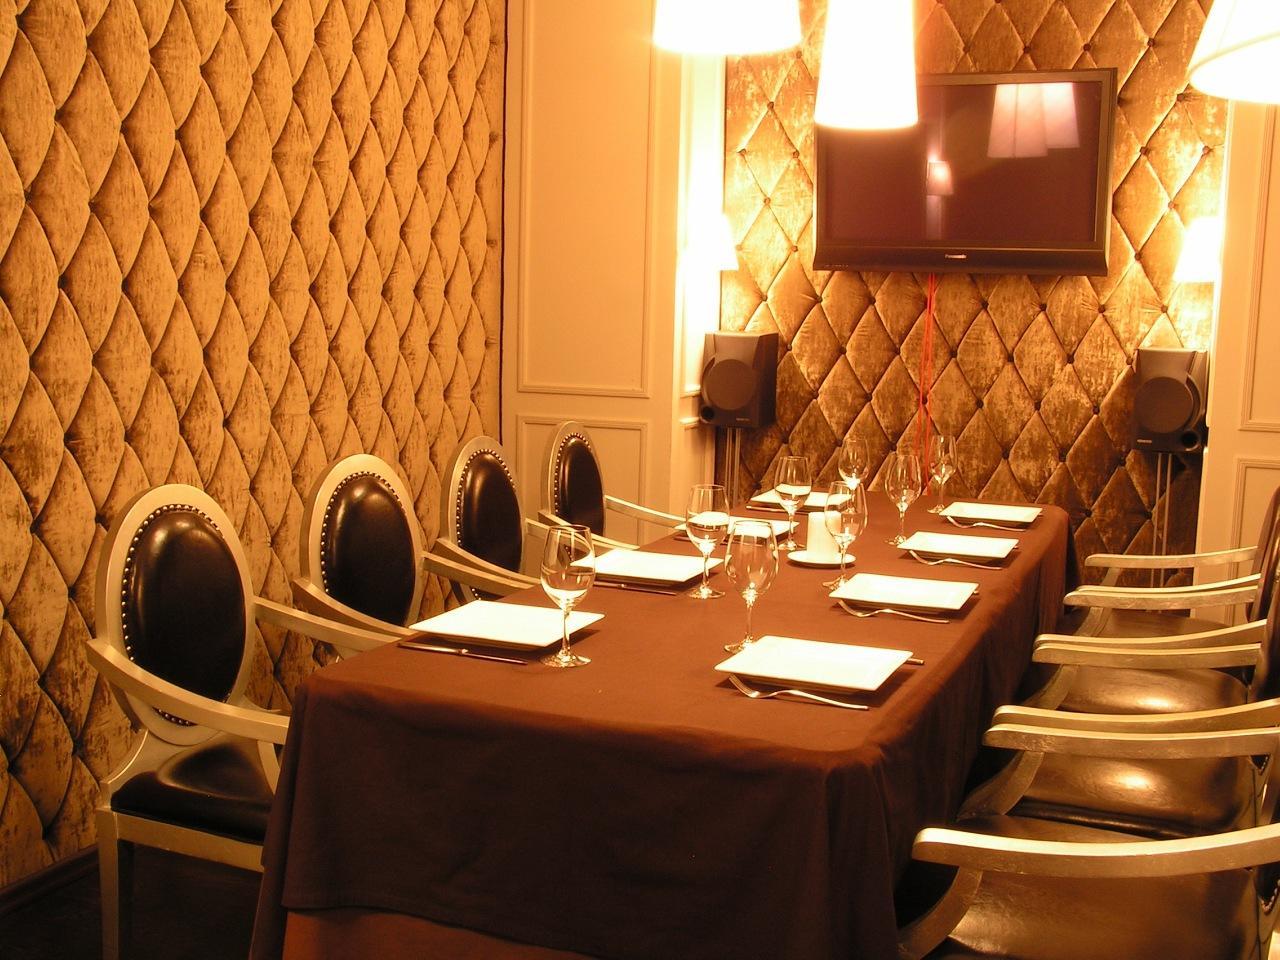 Ресторан Emporio Cafe (Эмпорио Кафе) фото 50